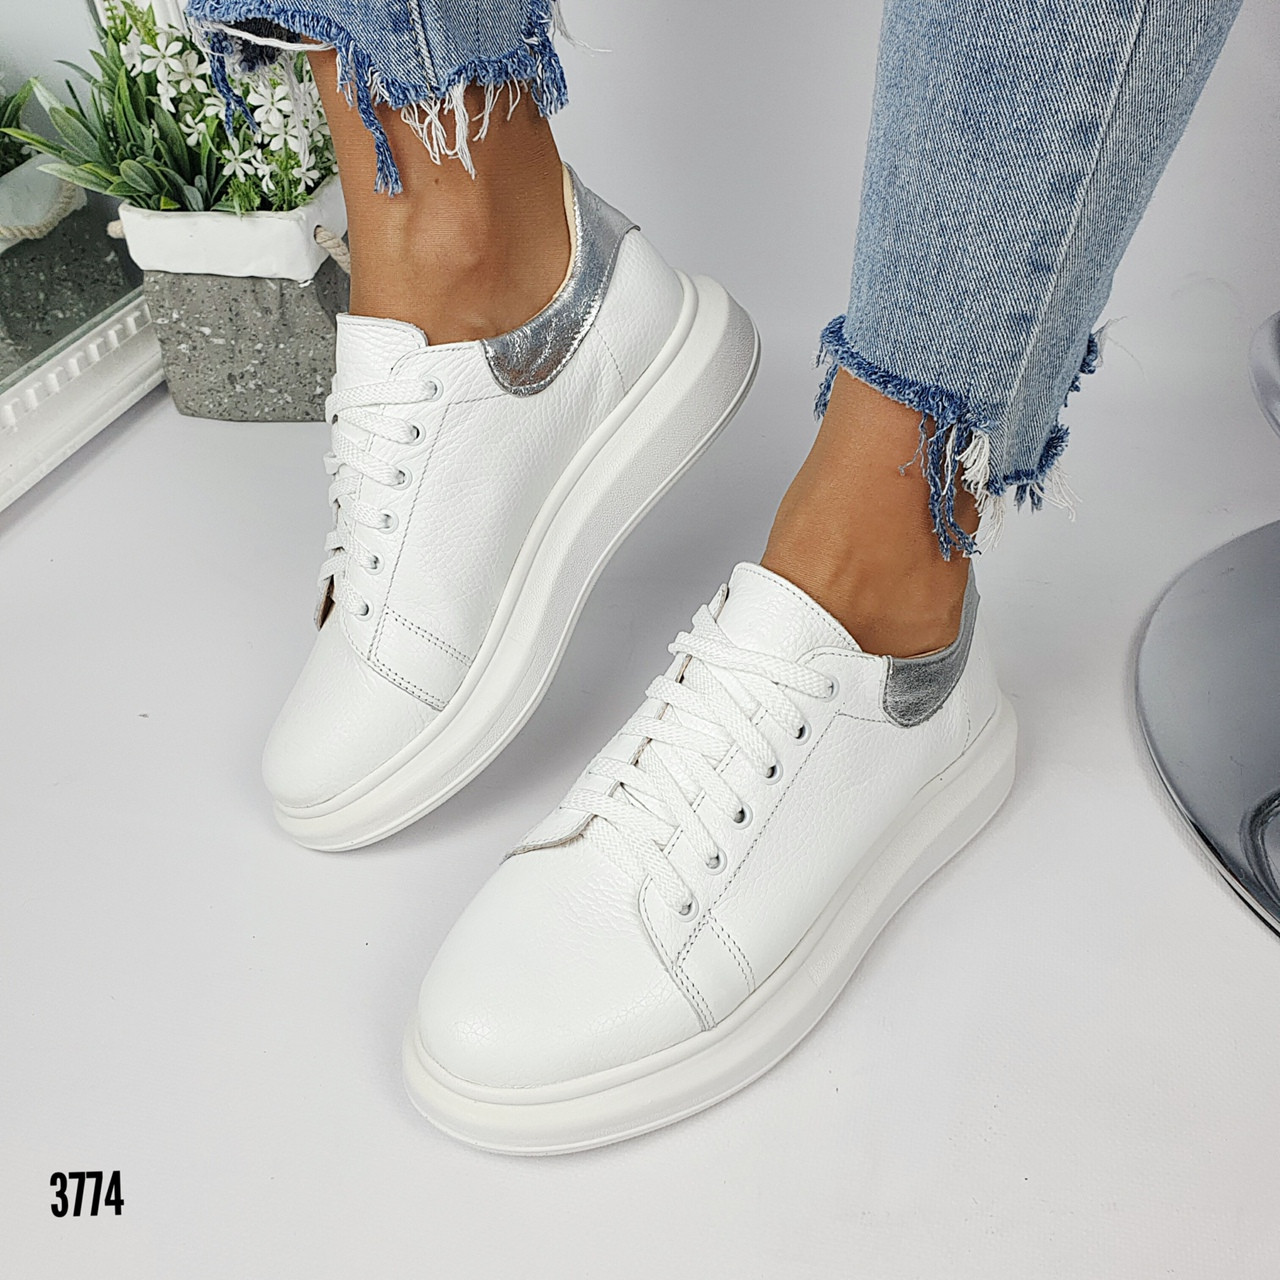 Женские кроссовки натуральная кожа белые